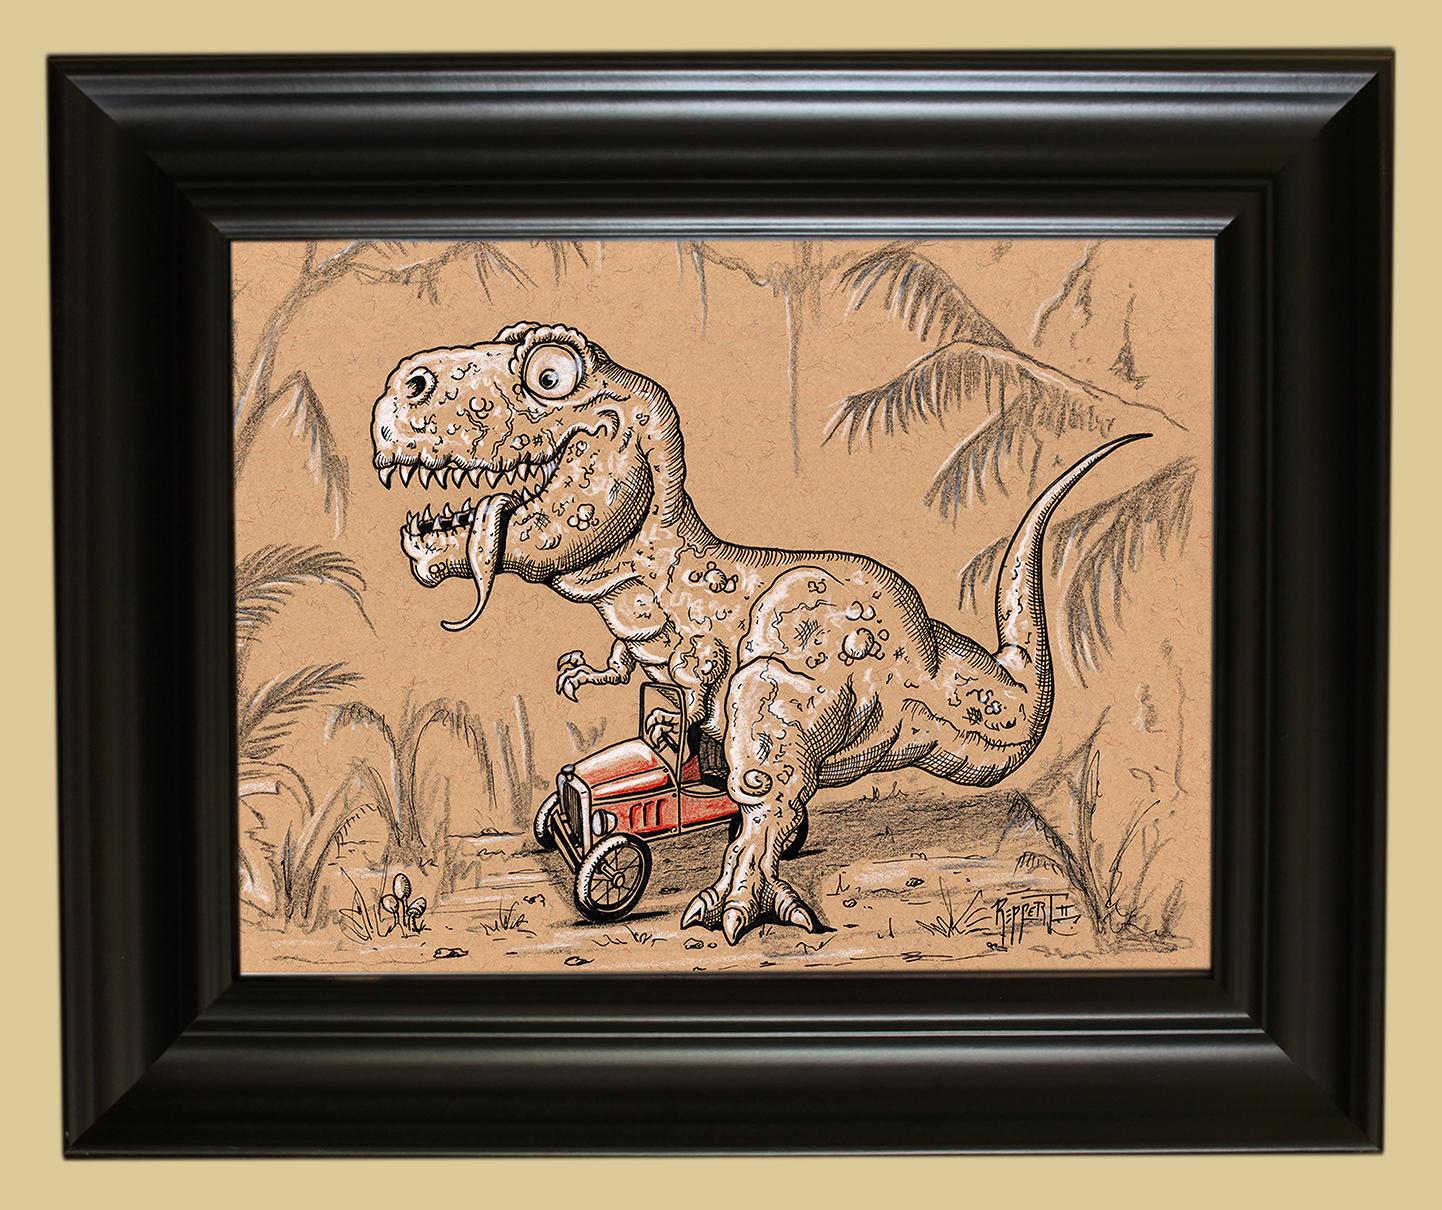 DinoRide